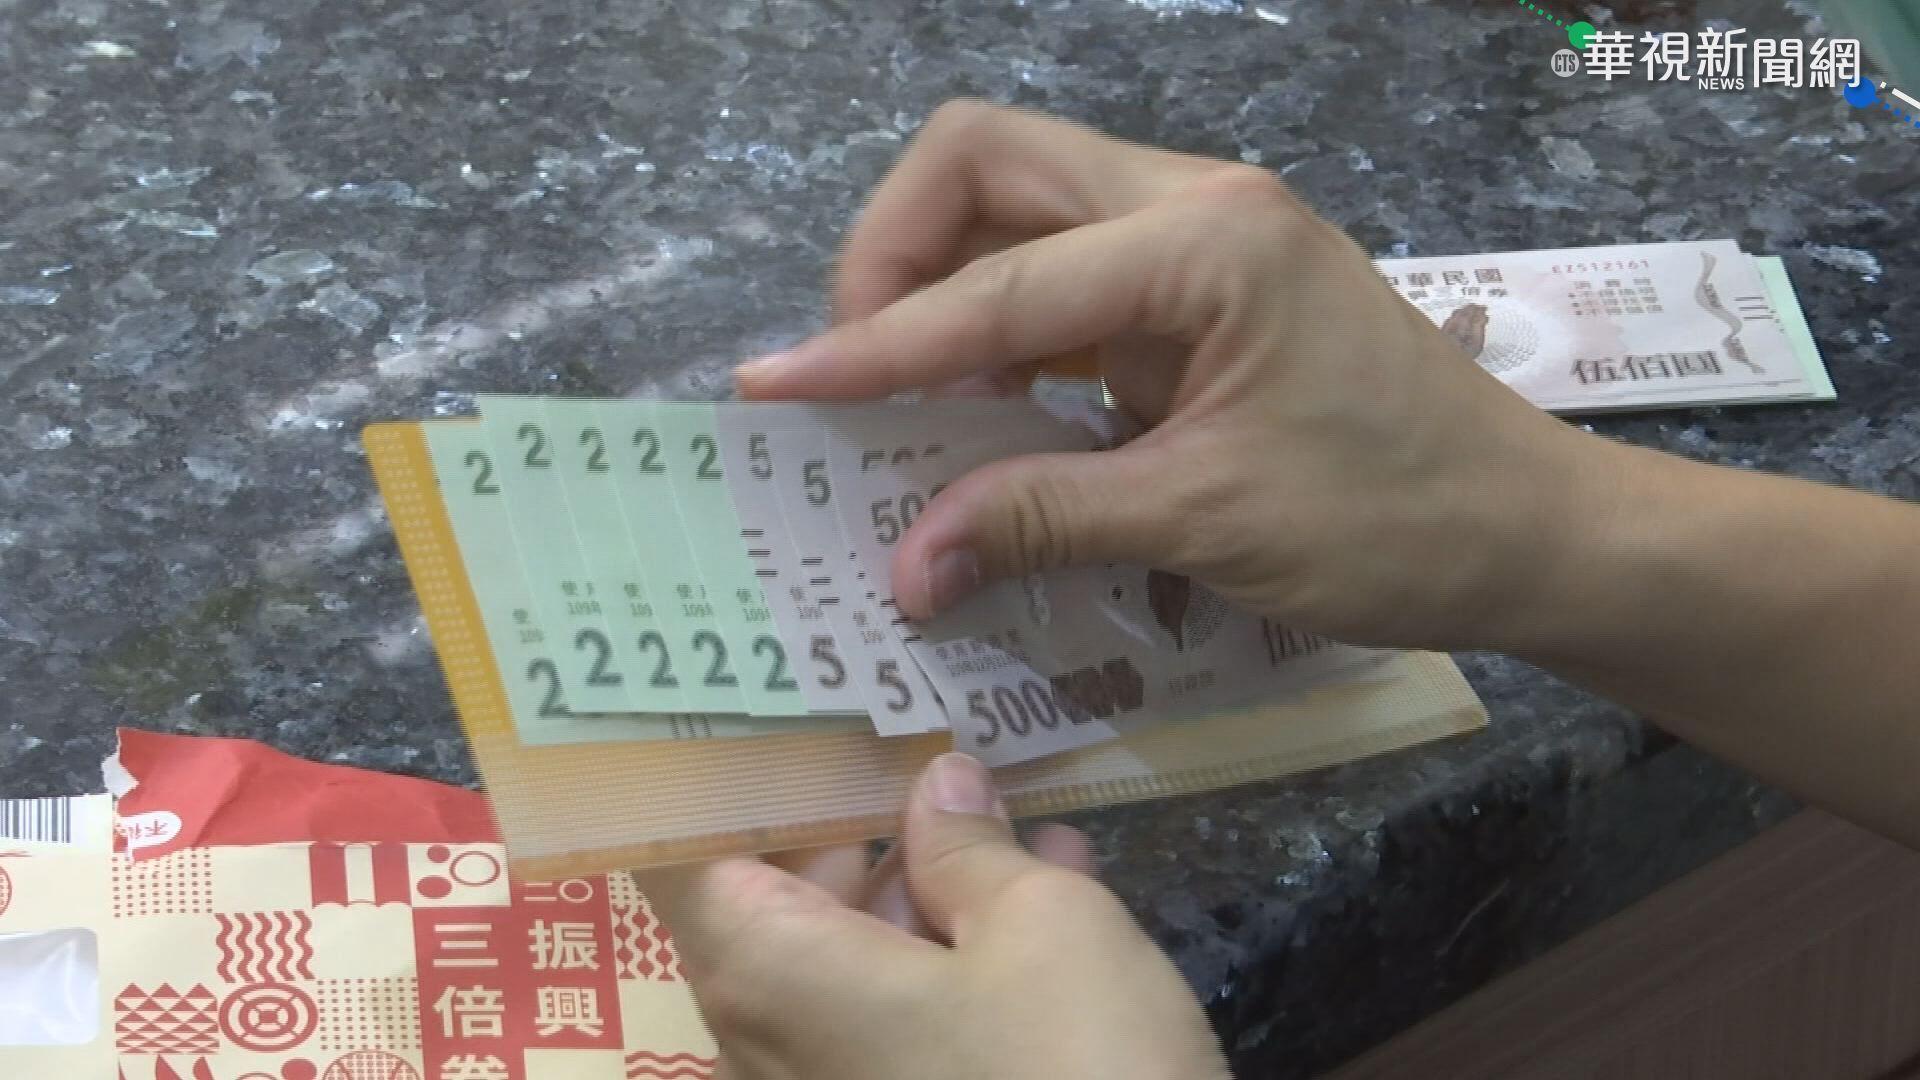 840萬份五倍券! 郵局備戰10/12開領